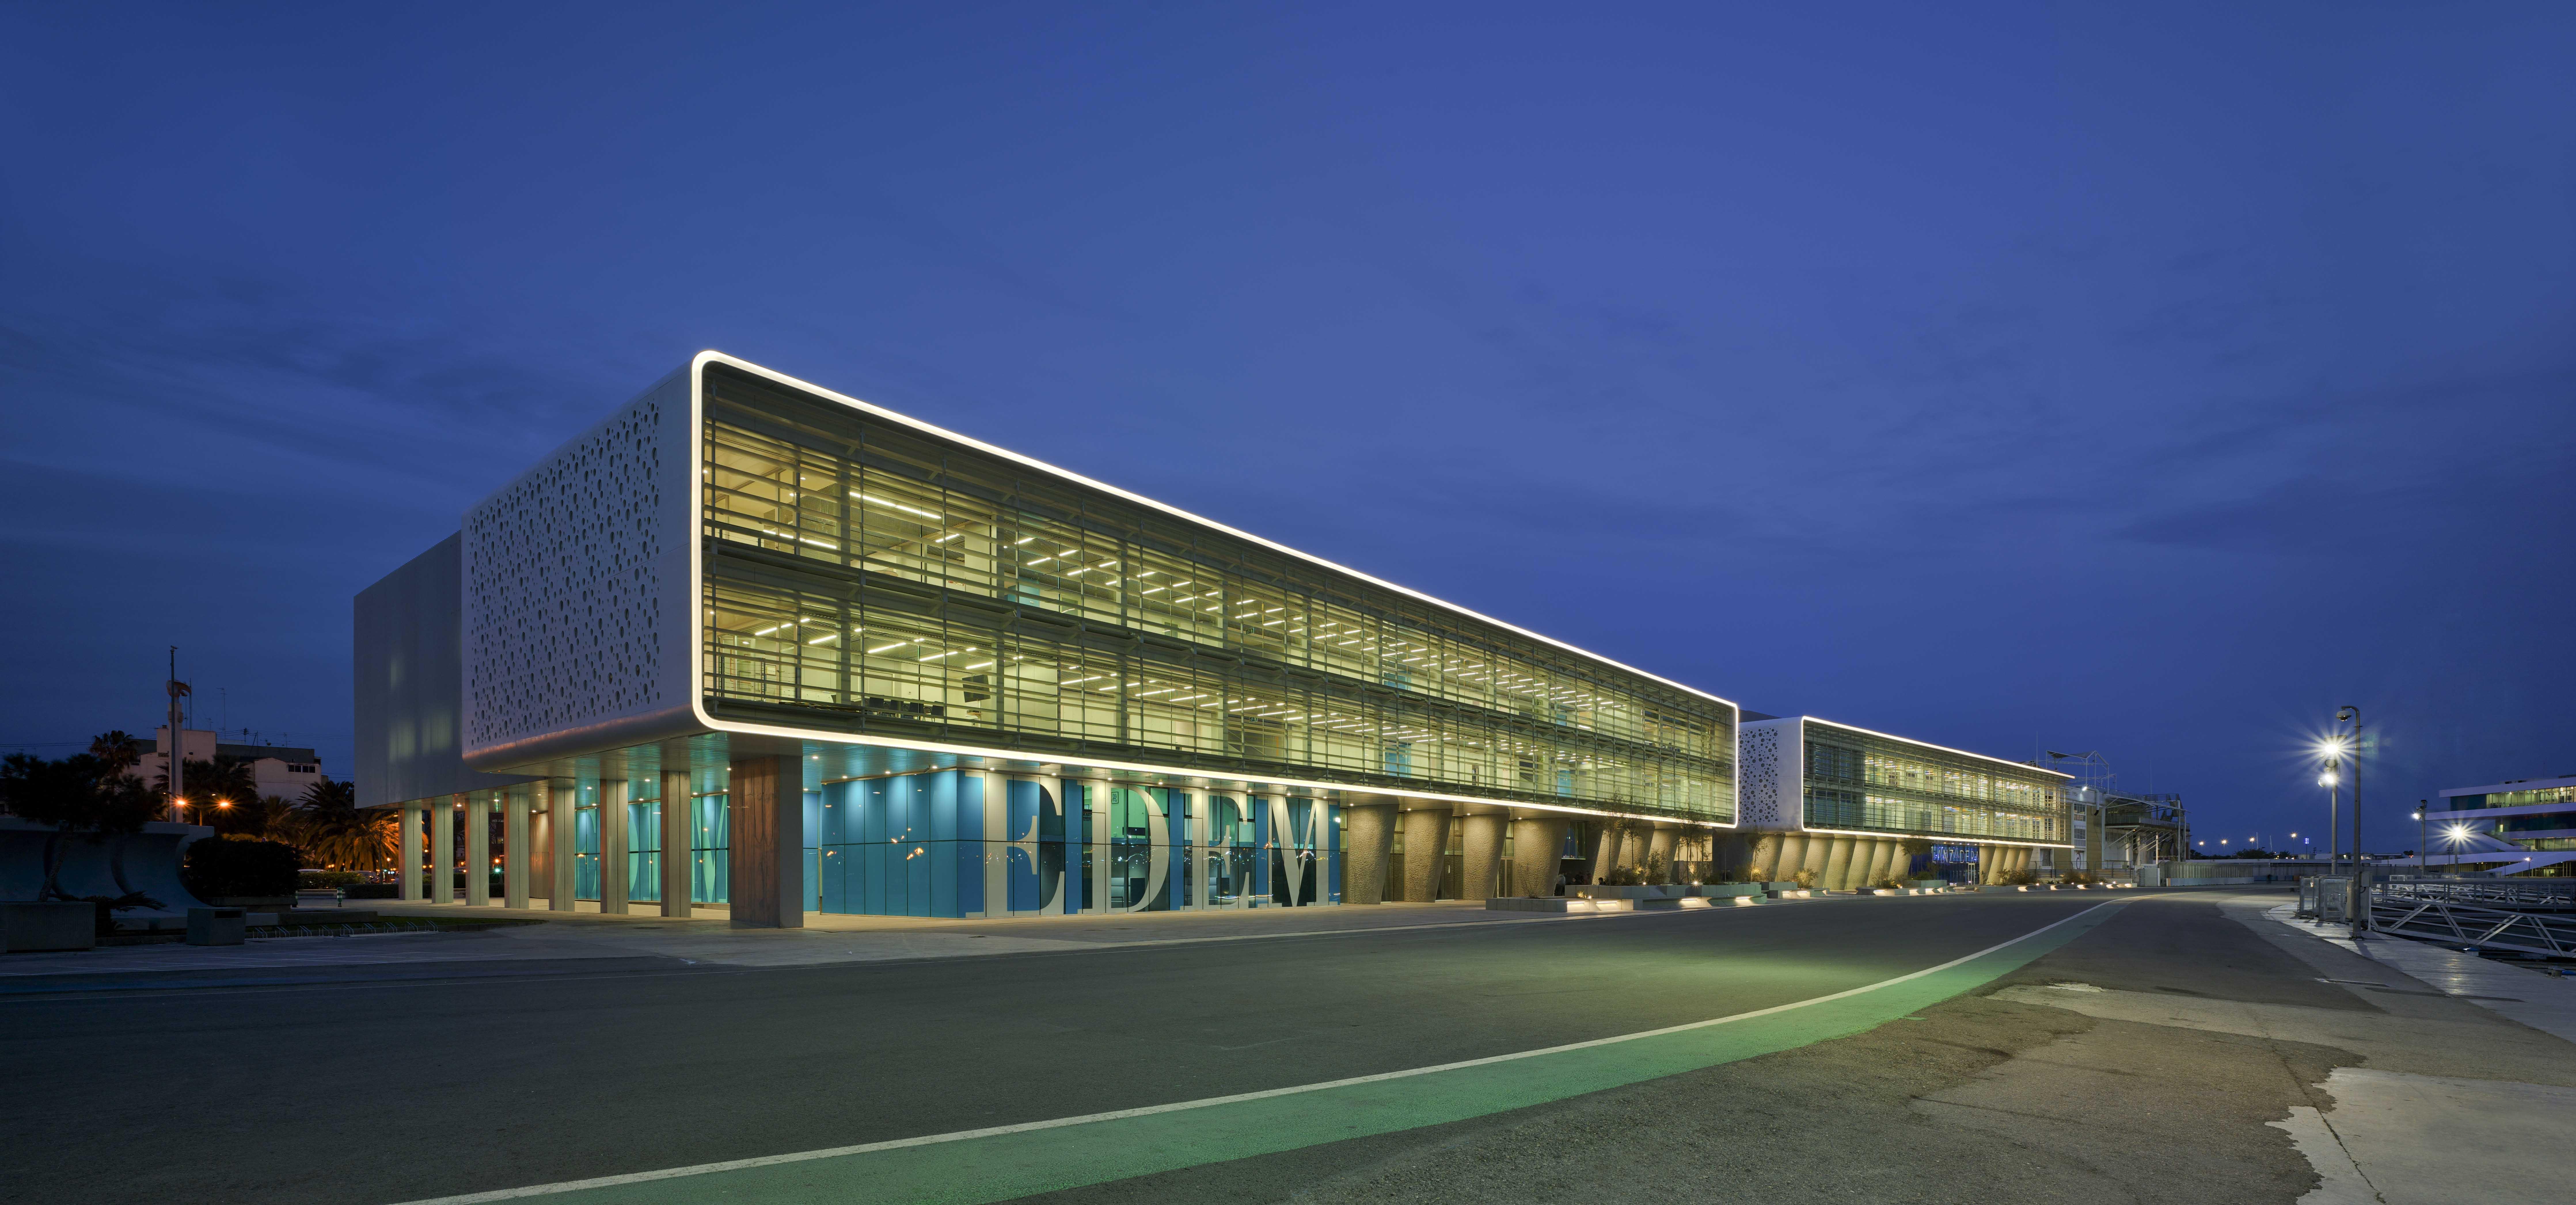 Nuevo edificio universitario dedicado a la formación de empresas.